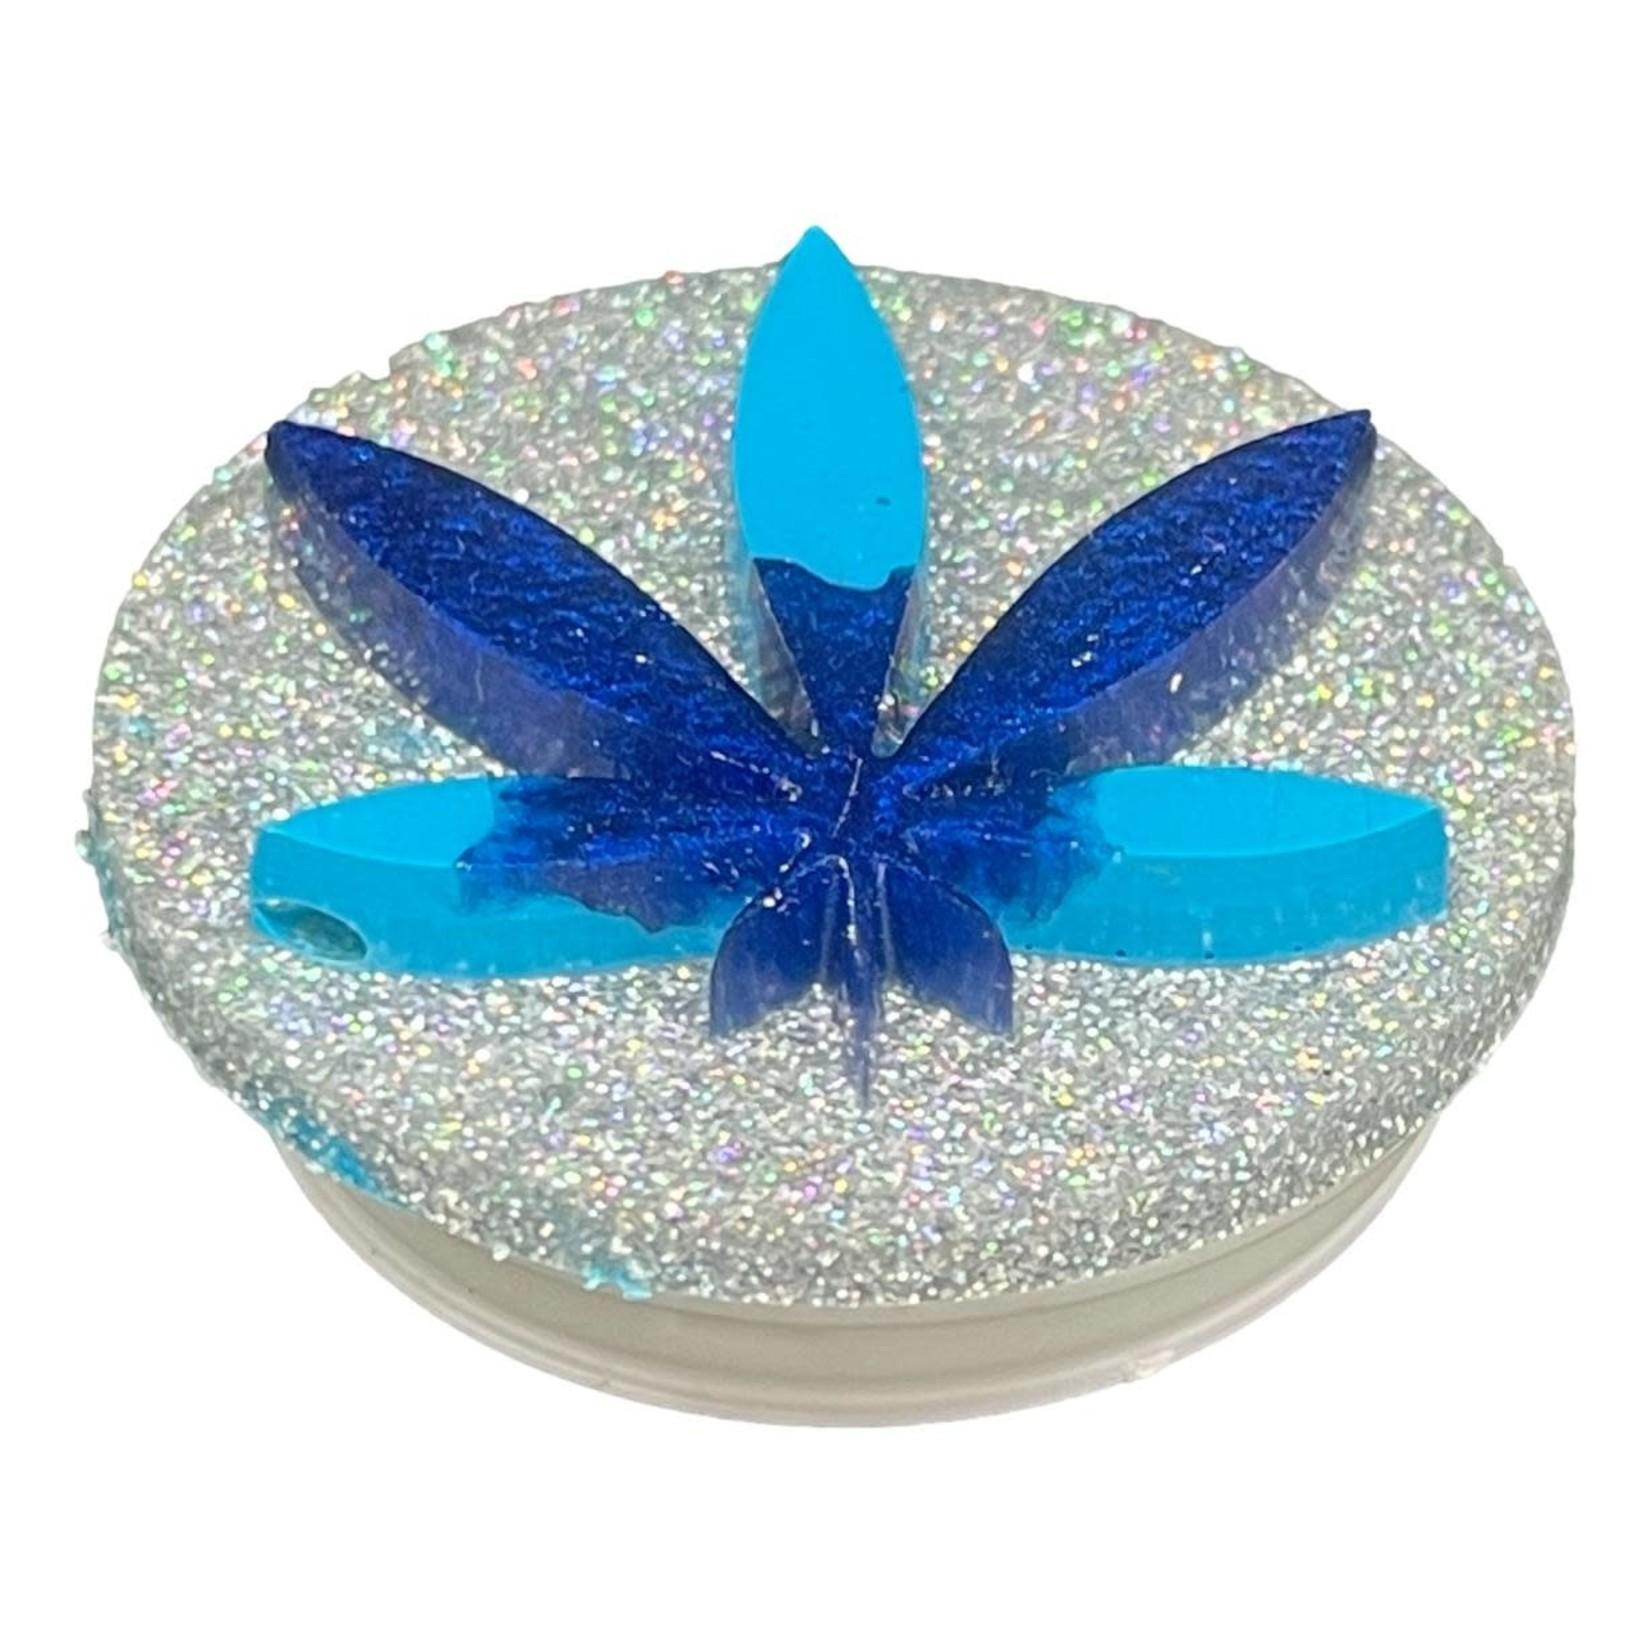 East Coast Sirens Two-tone Blue Weed Leaf Phone Grip